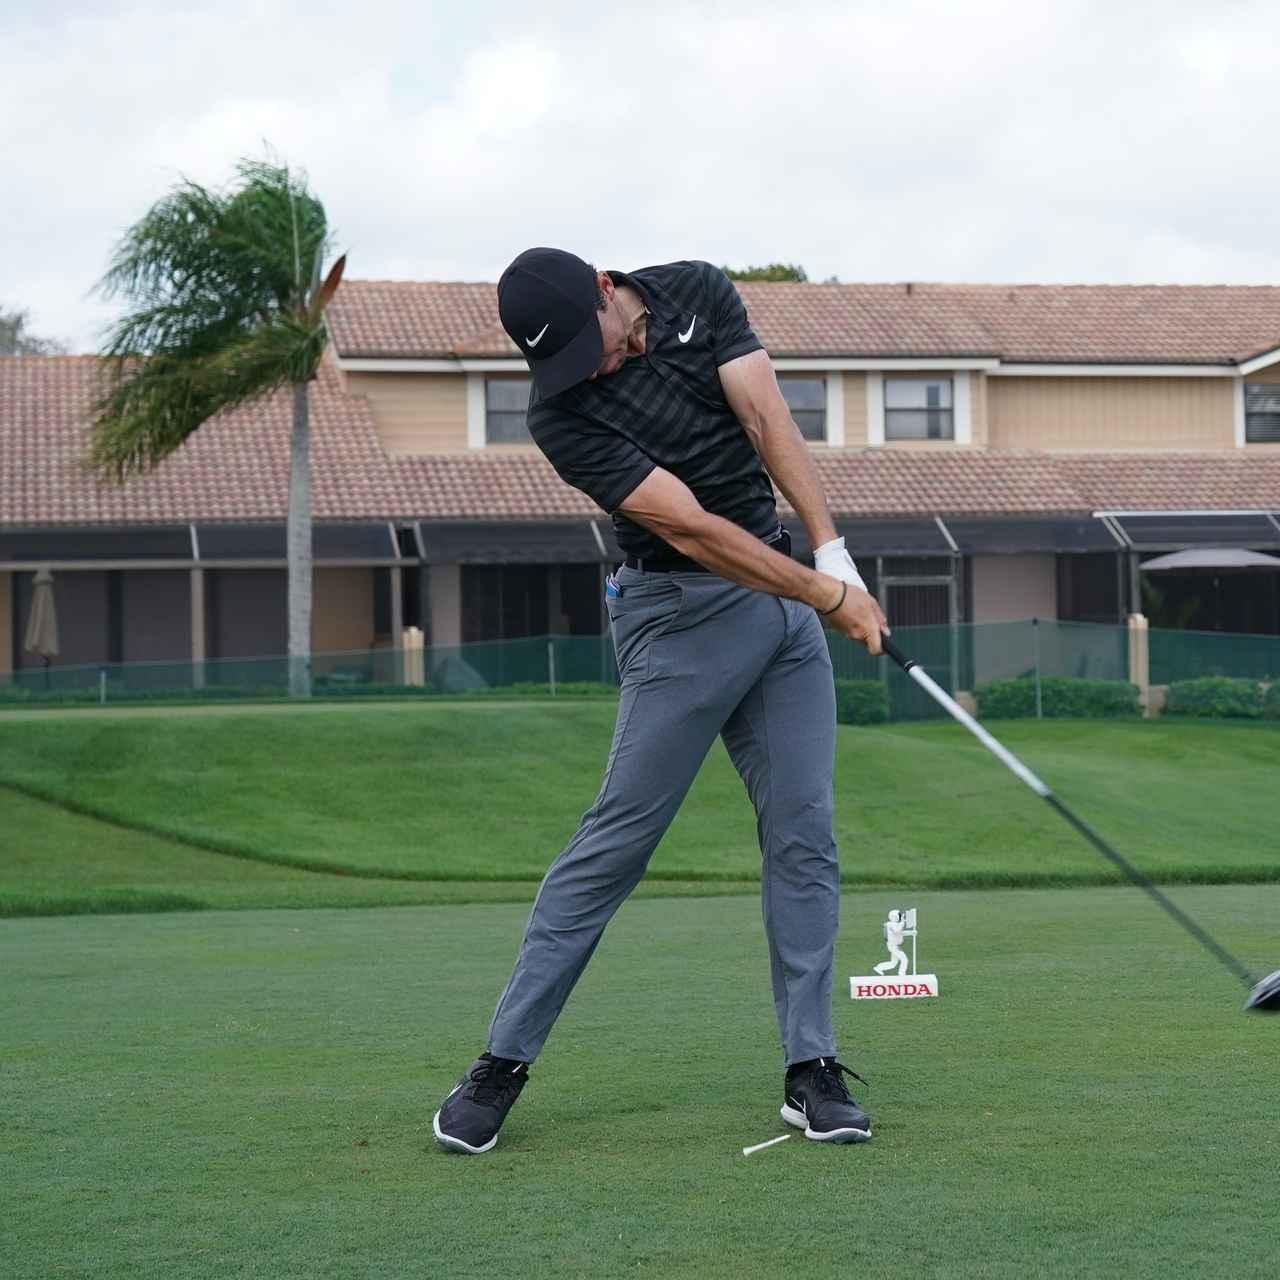 画像5: 【ローリー・マキロイ】現代版ドローヒッターの基準! 右足に体重を残し、右足の上で体を回して球をとらえる!